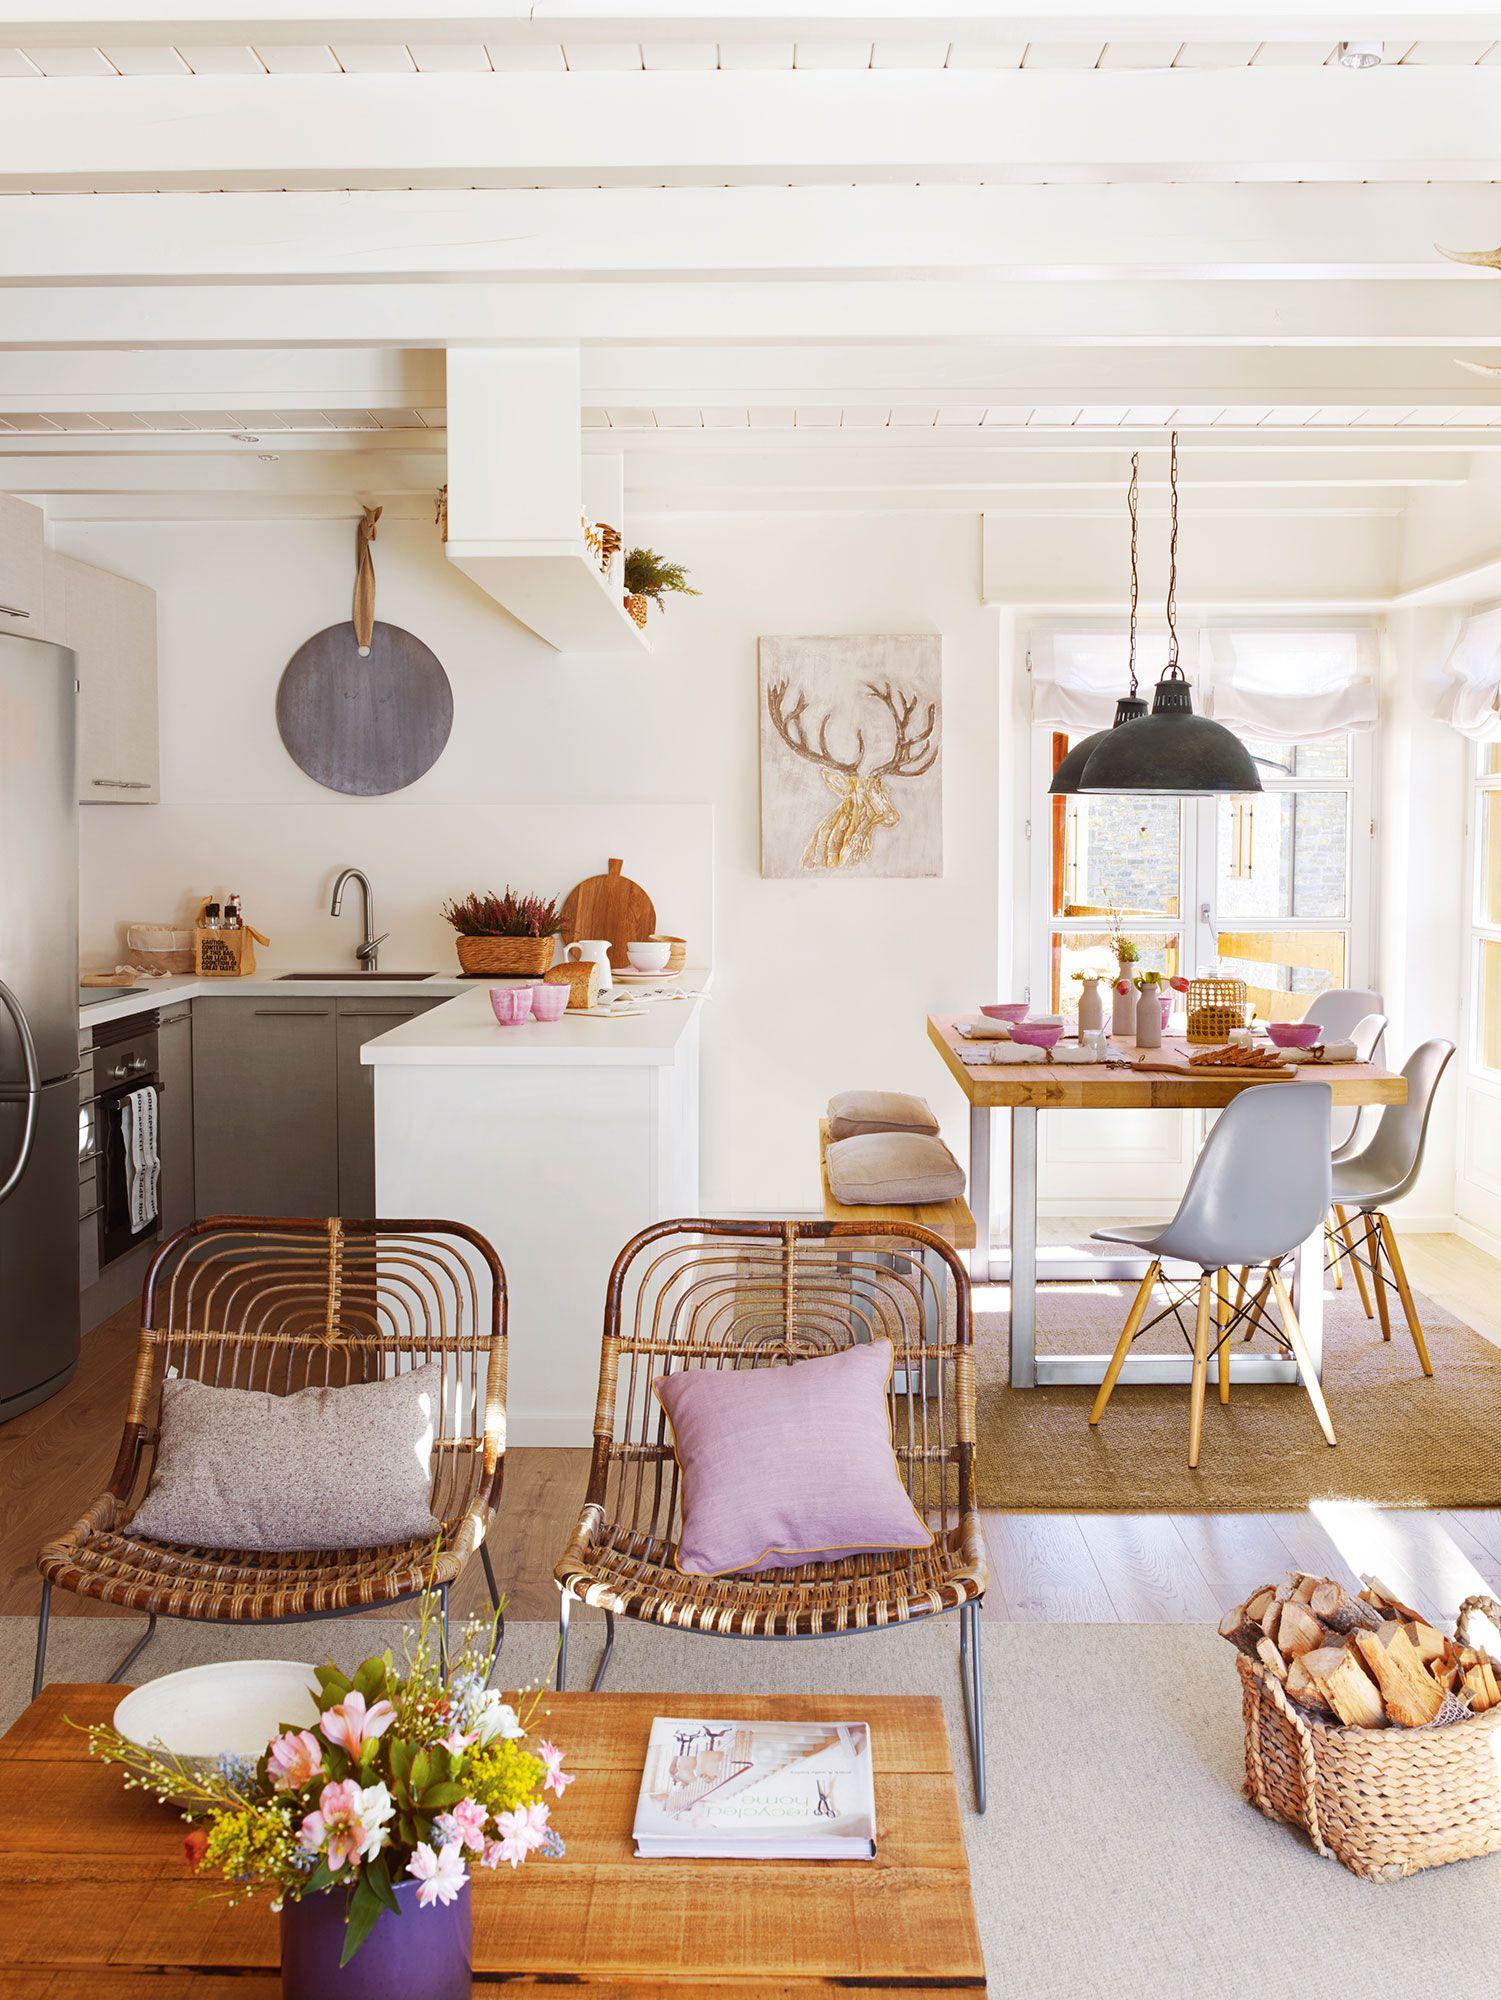 Abierta al sal n comedor cocinas y ba os decoraci n de for Decoracion cocinas comedor pequenas